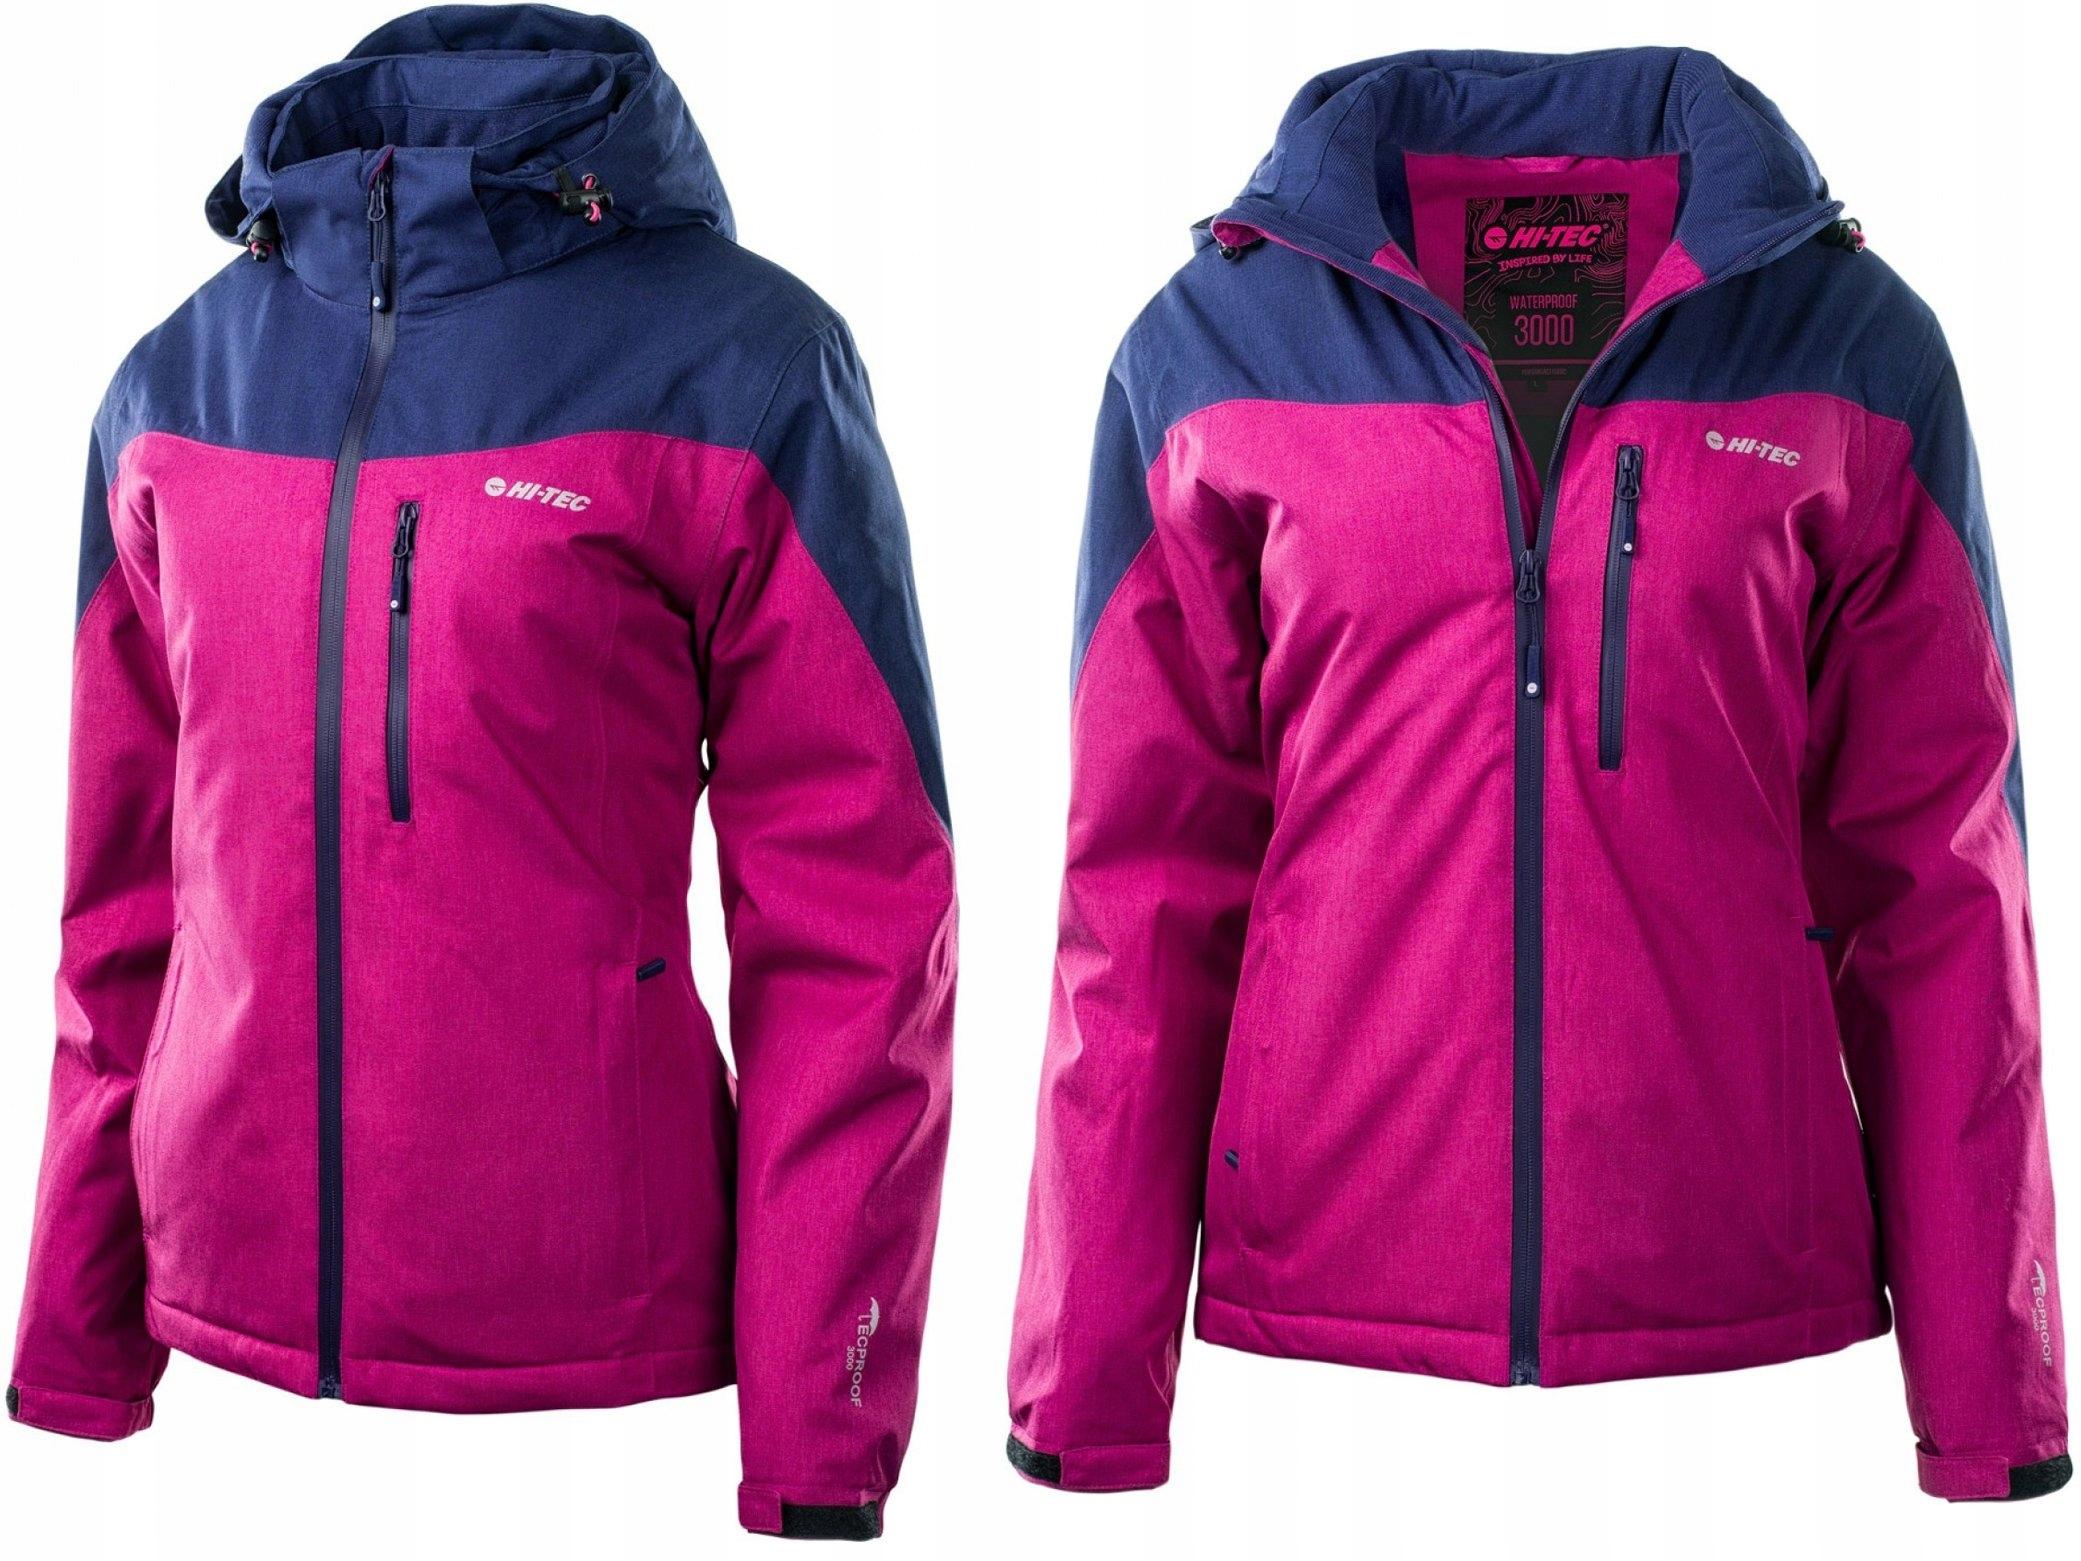 sportowa odzież sportowa wysoka moda sprawdzić HI-TEC LADY OREBRO KURTKA DAMSKA NARCIARSKA - M - 7258295586 ...